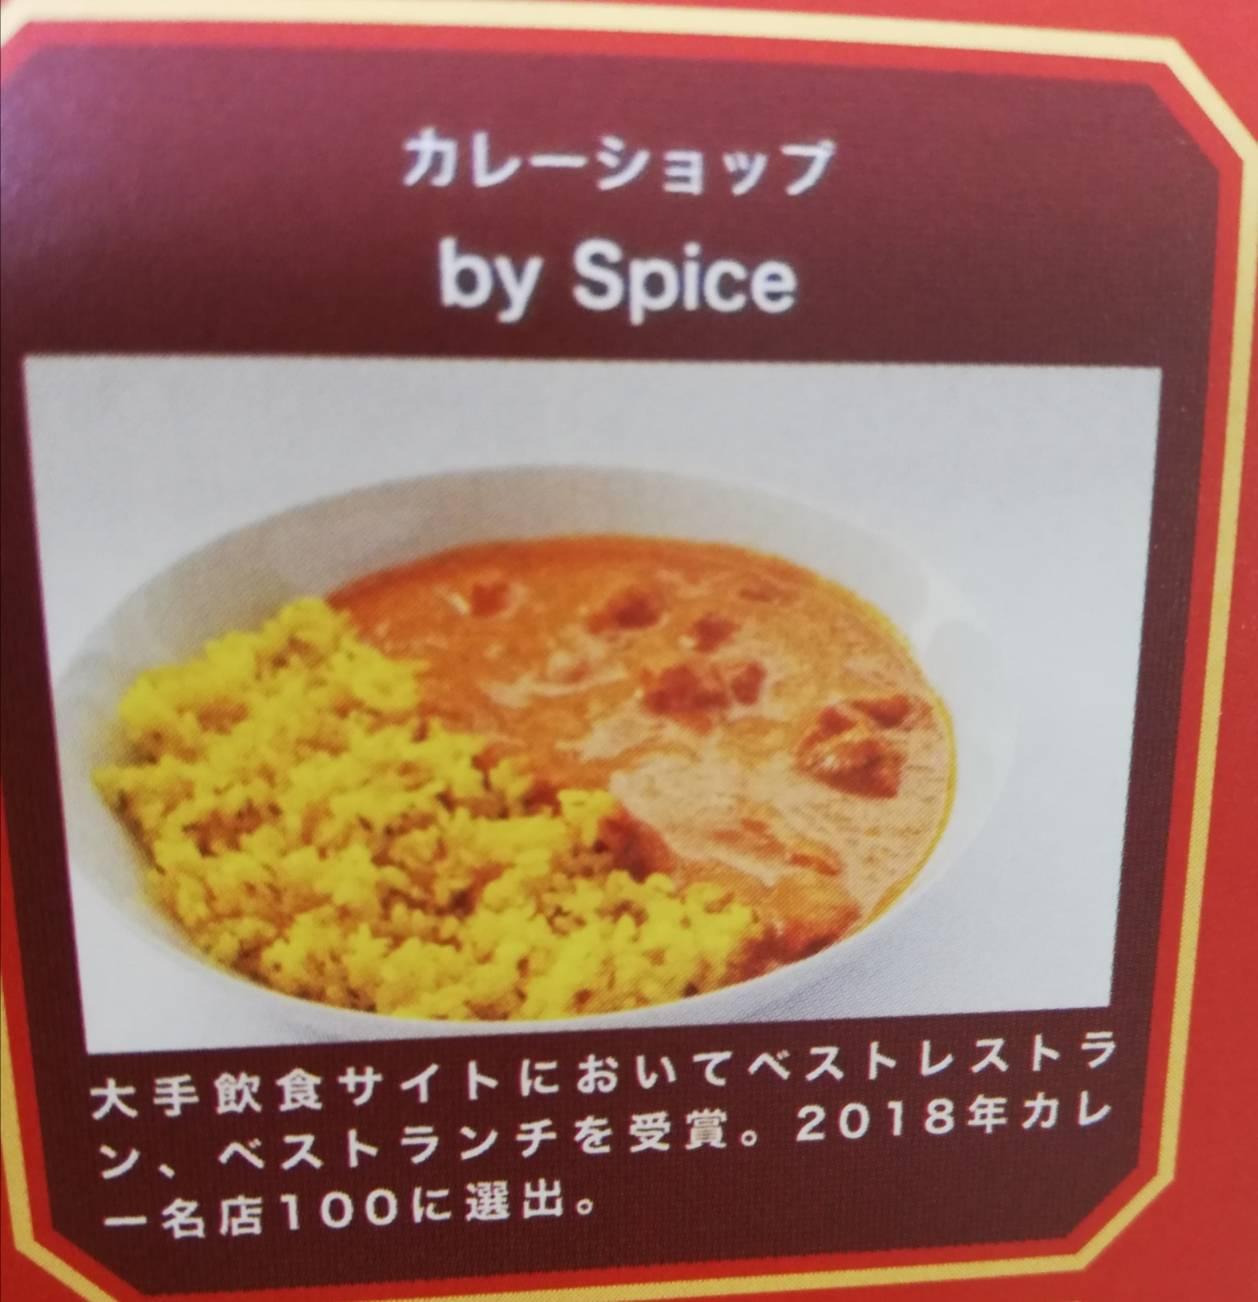 by Spiceカレーキテミテマツド閉店